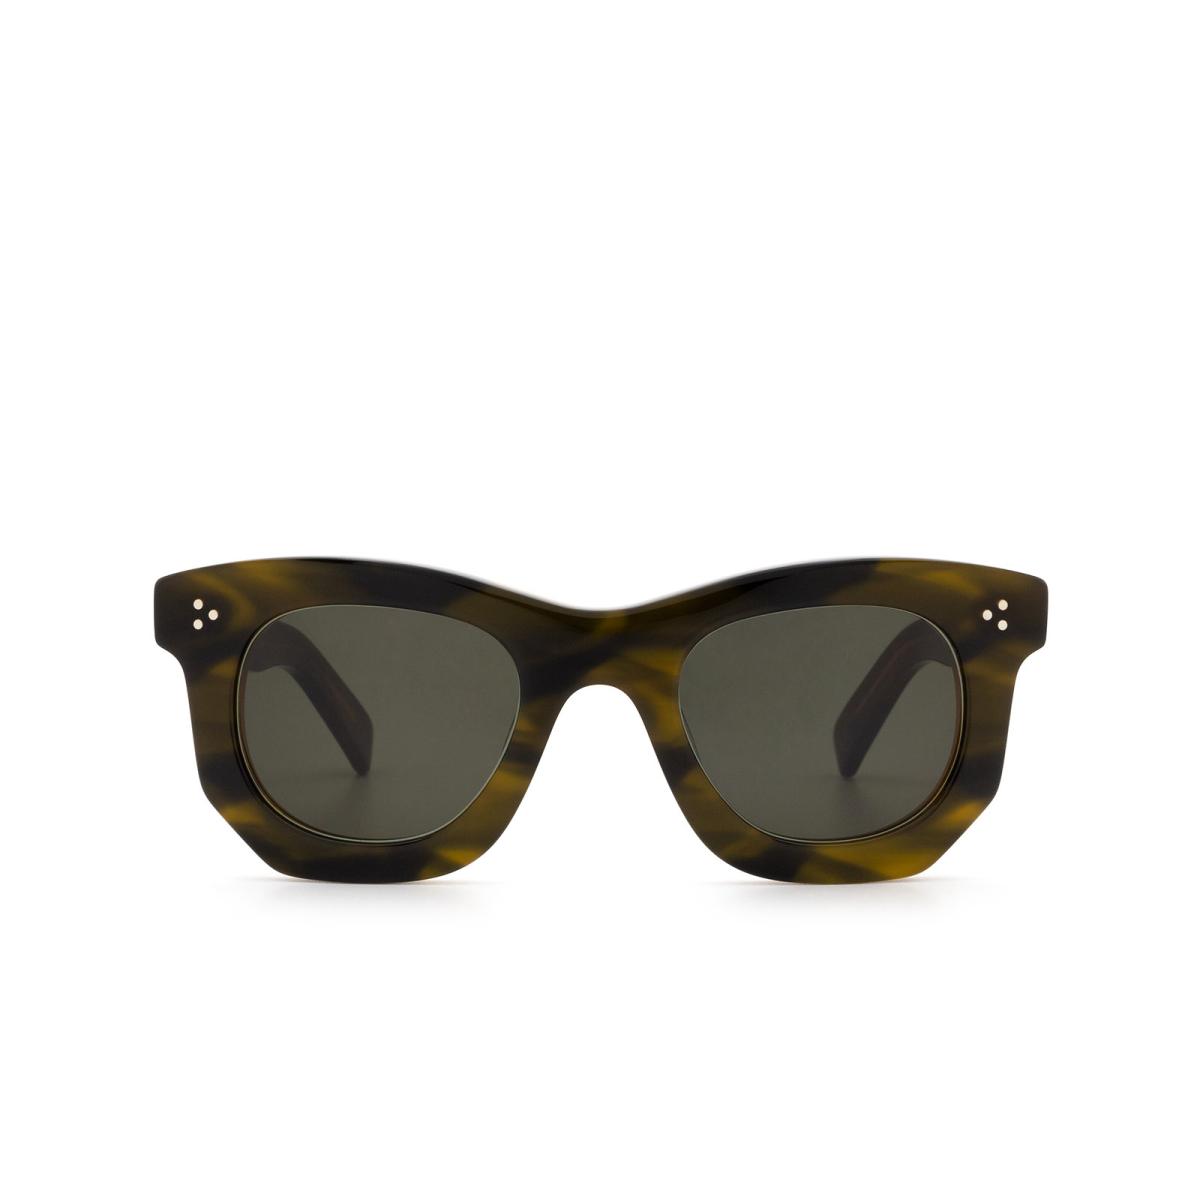 Lesca® Irregular Sunglasses: Ogre Sun color Khaki.